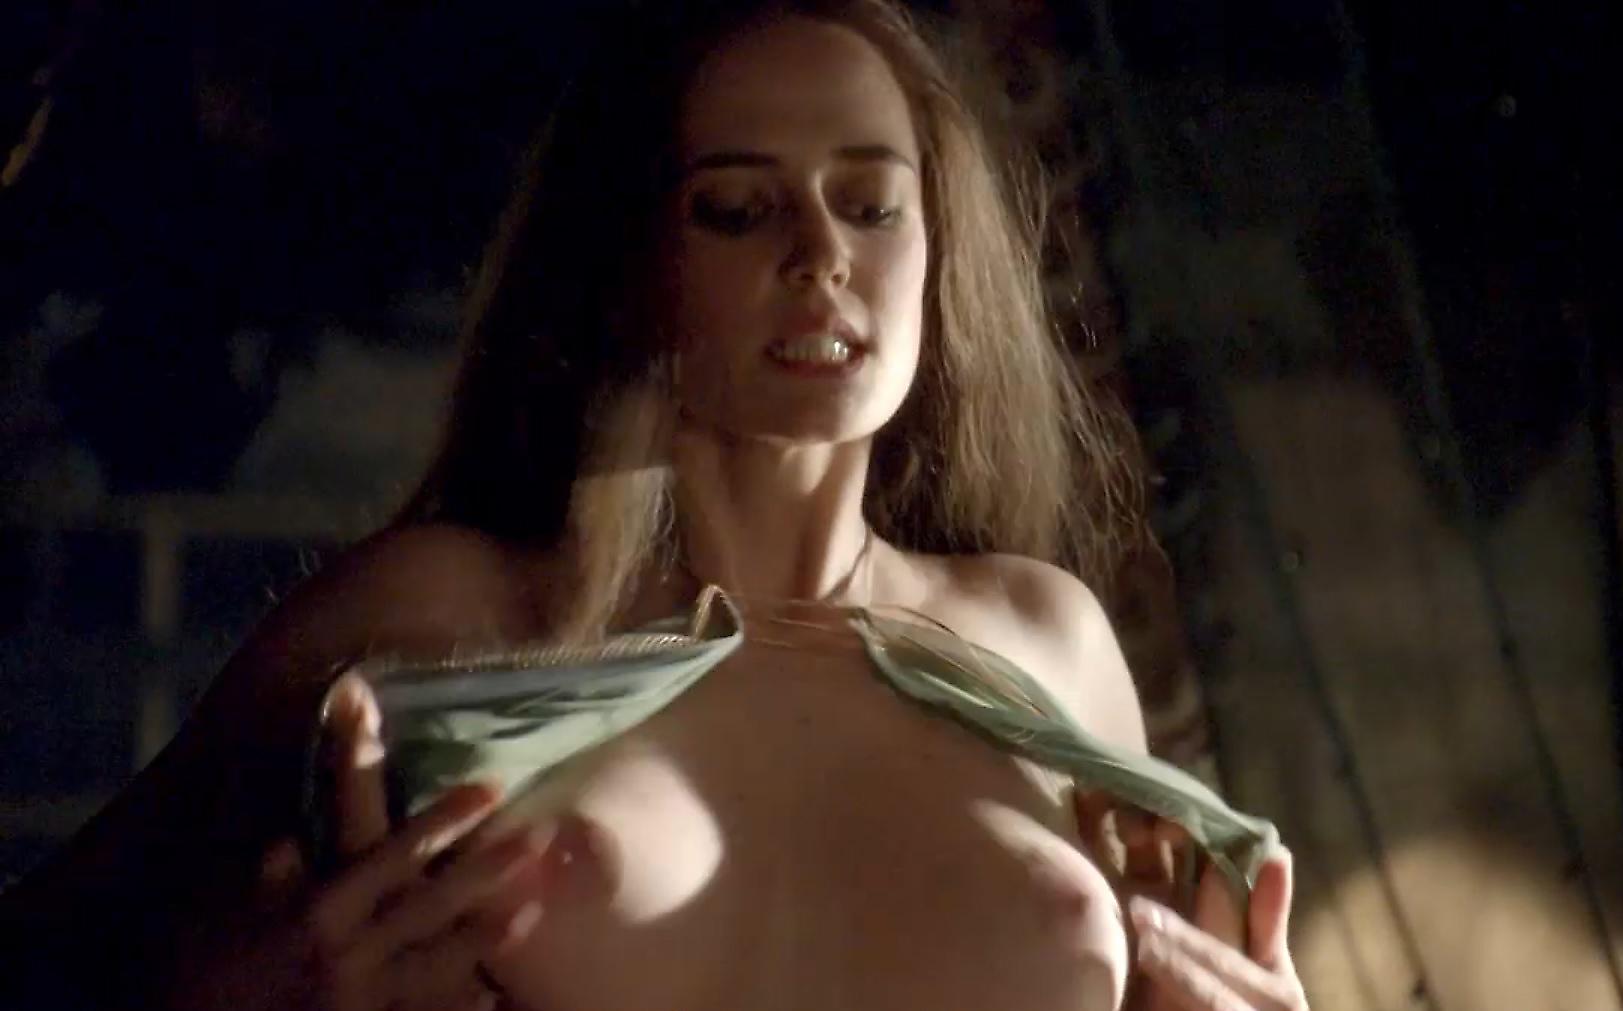 Eva green naked breasts